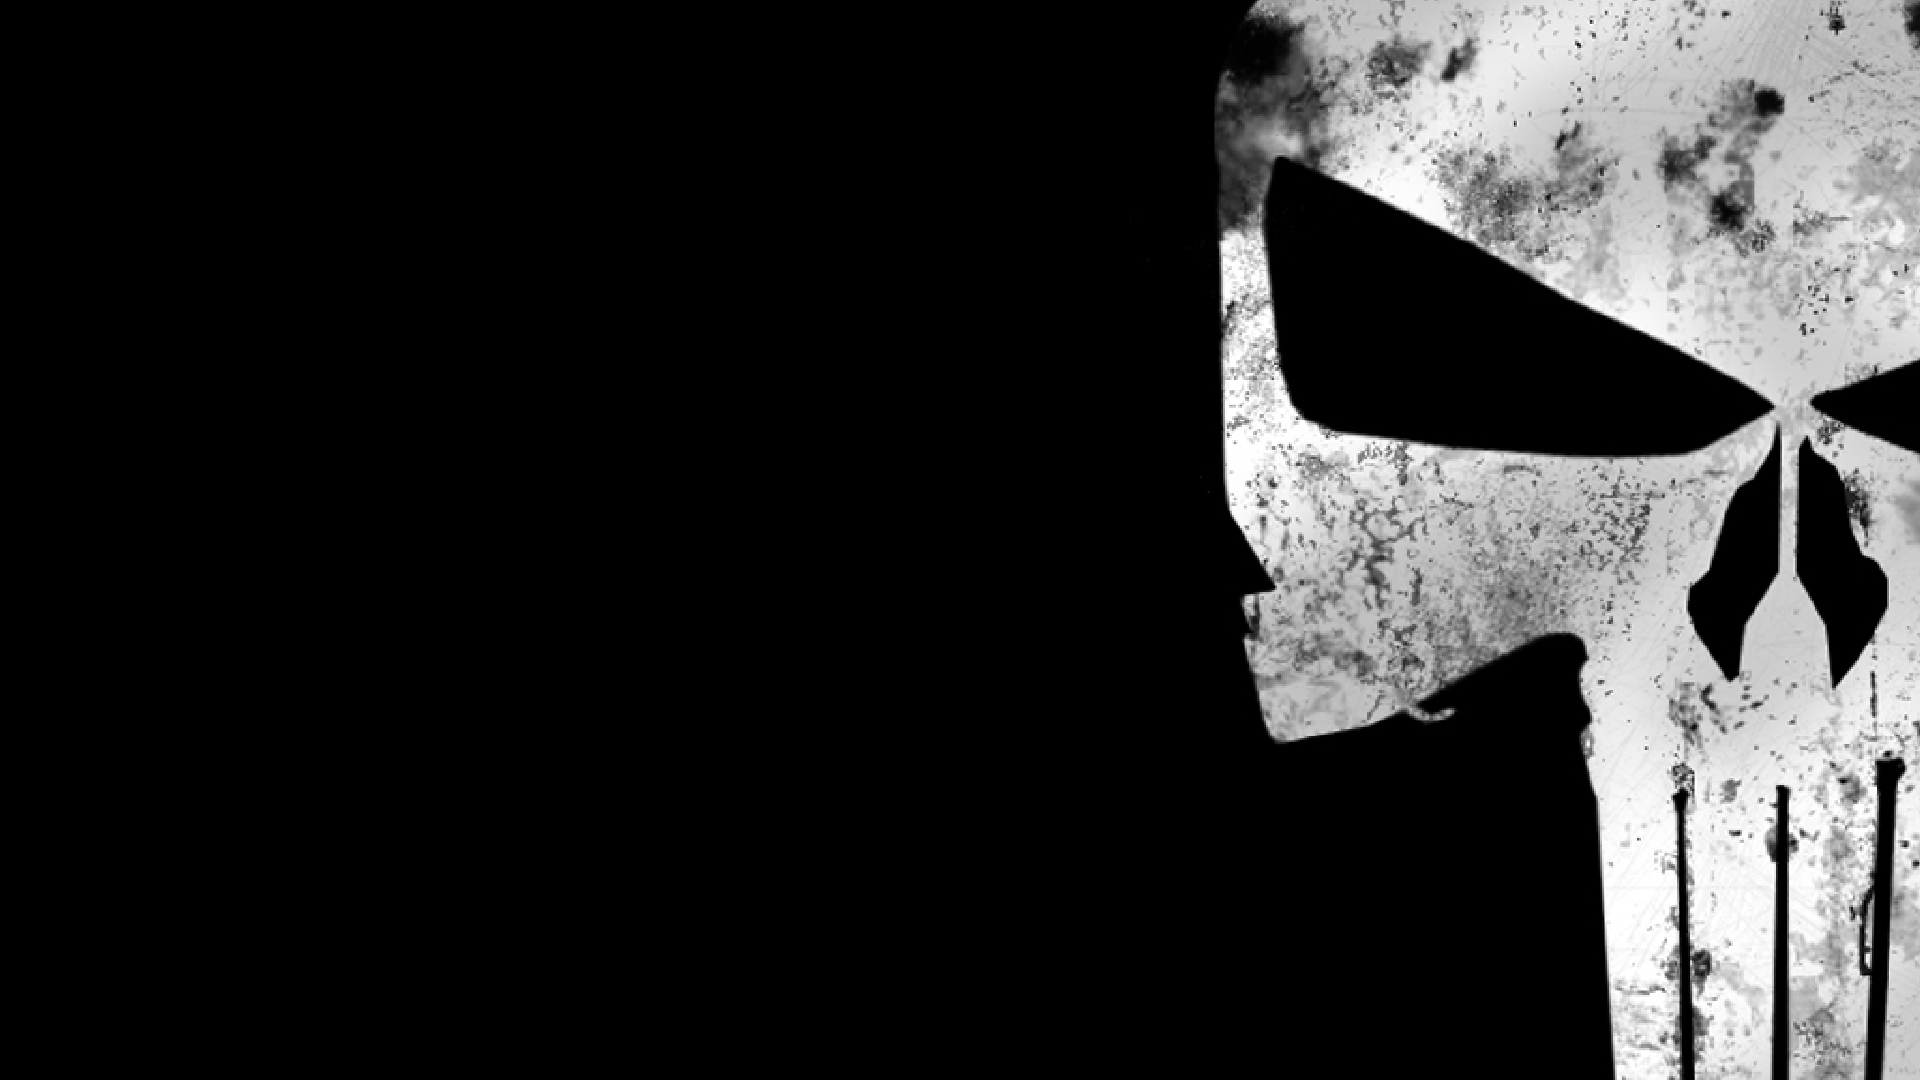 Punisher Wallpapers | Best HD Desktop Wallpapers, Widescreen ...